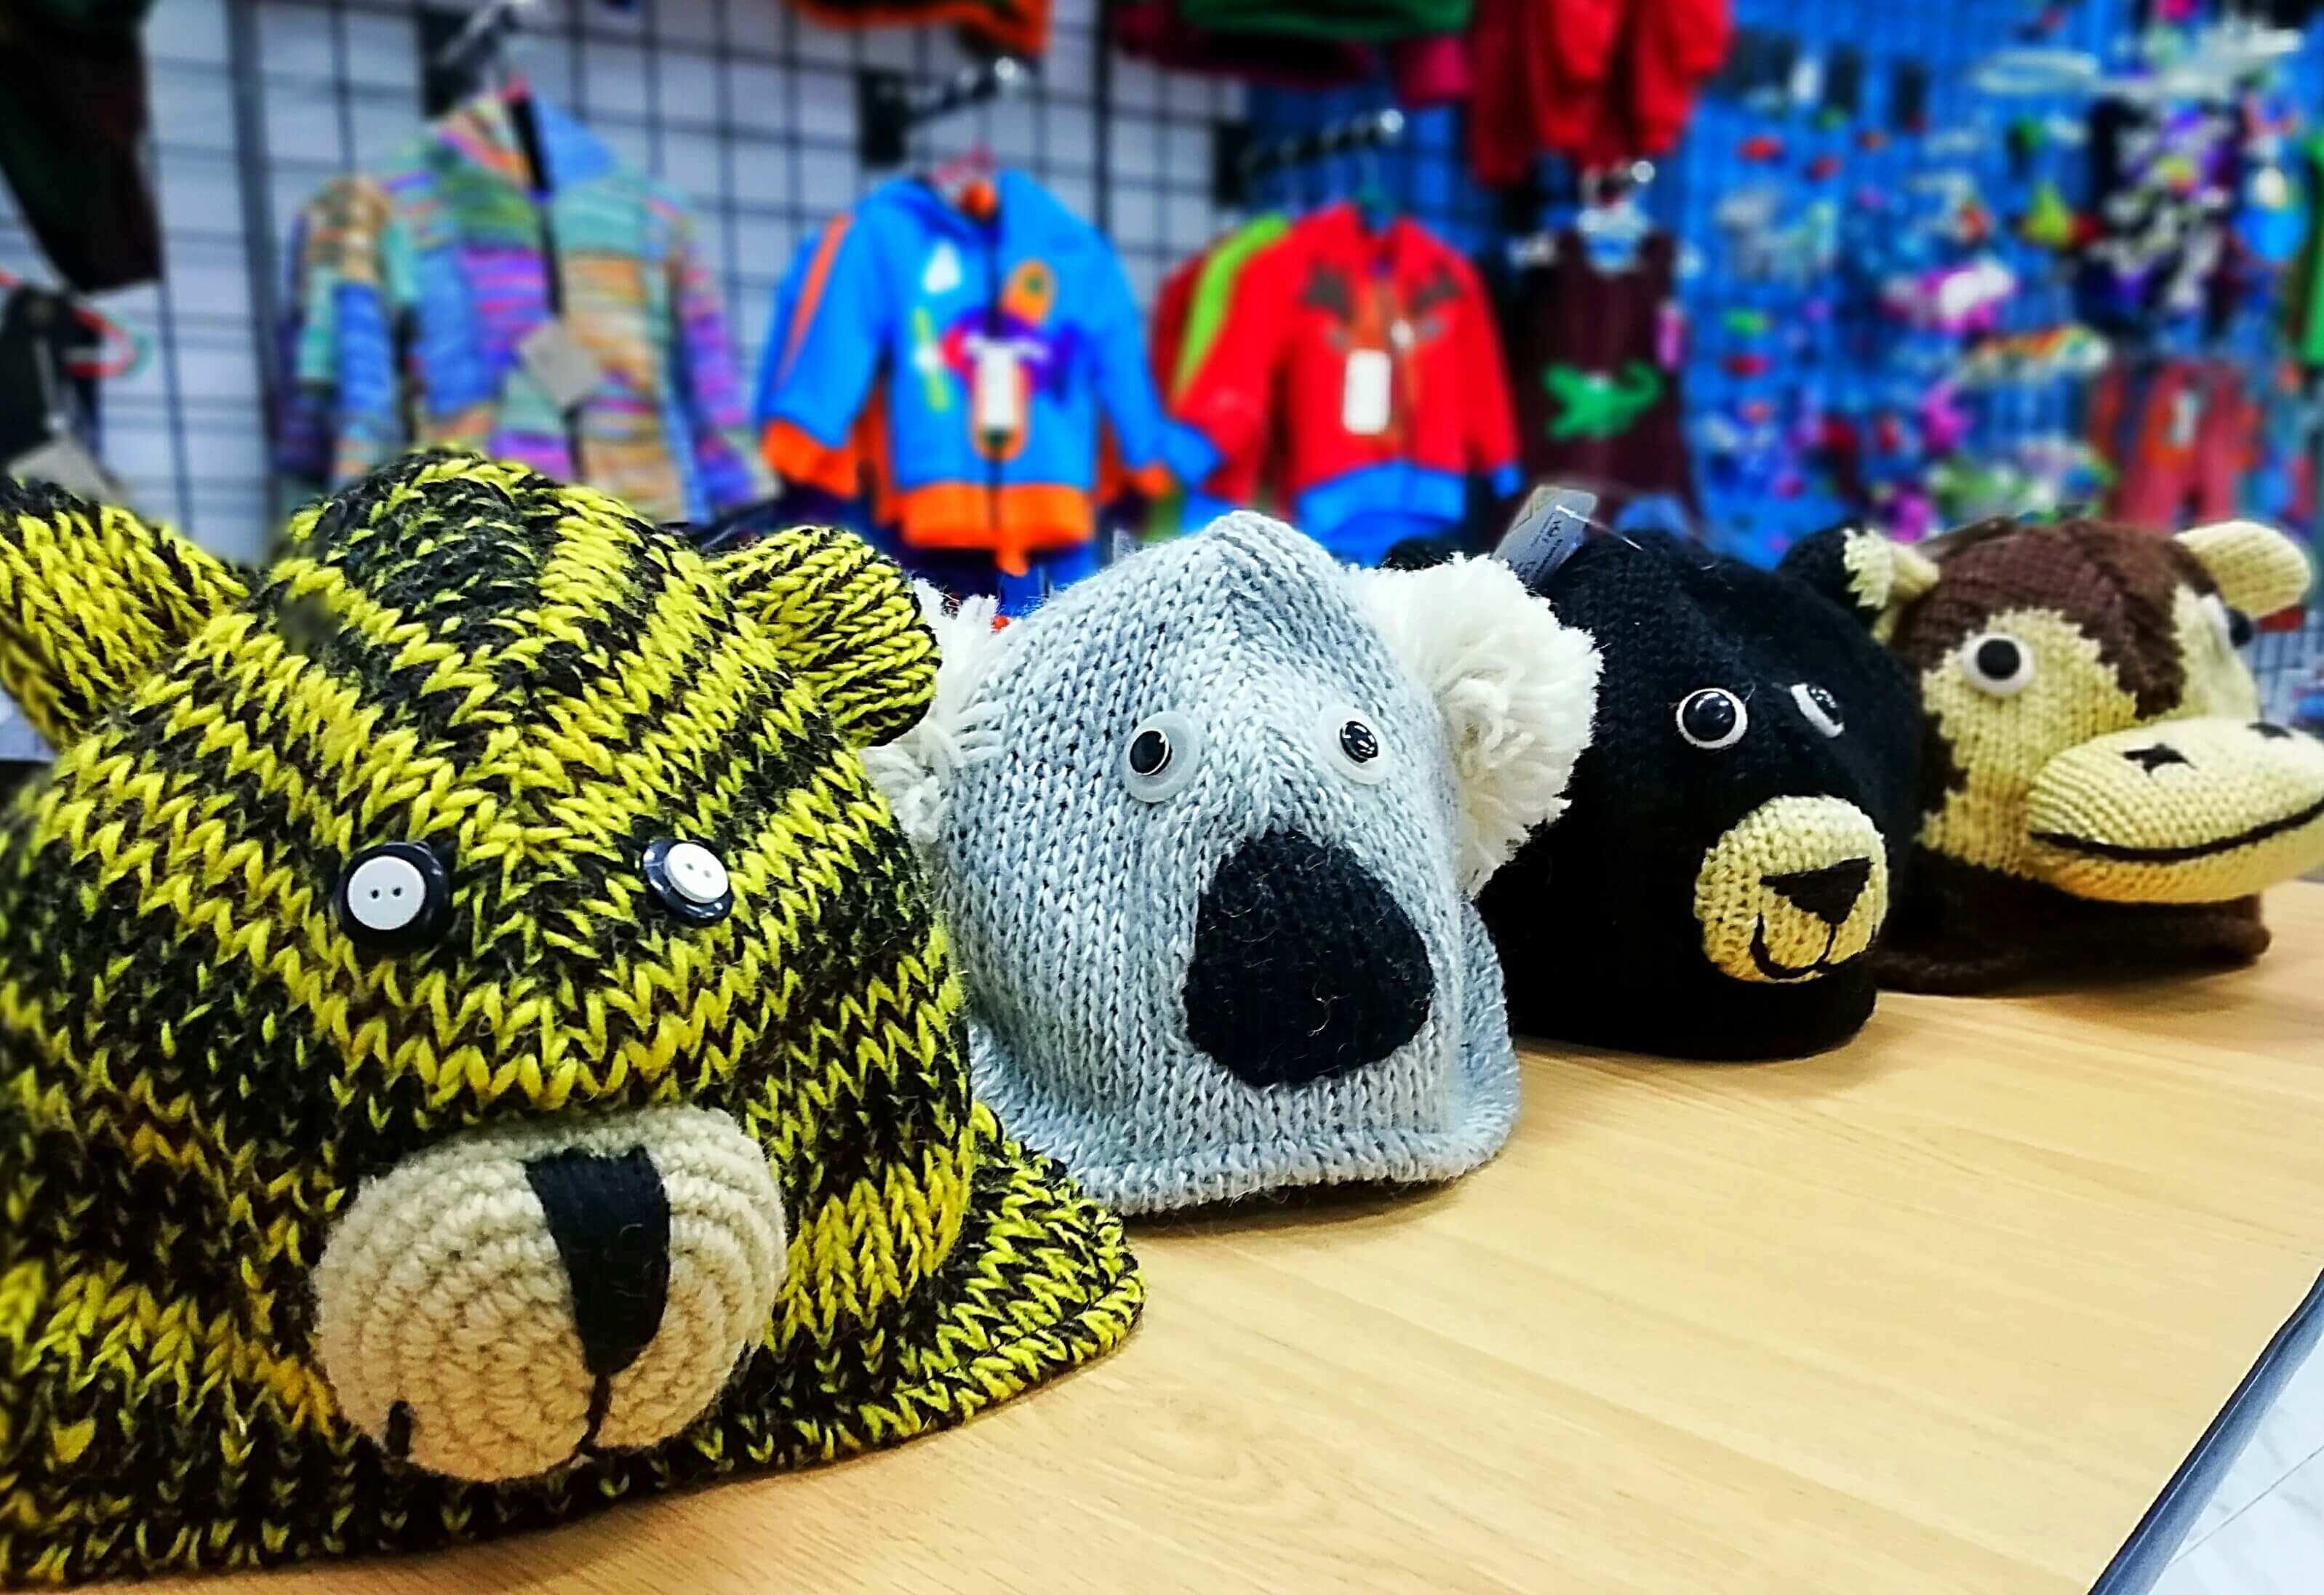 Ropa étnica hecha a mano, animales divertidos en gorros de lana, gorros de invierno para niños,  children's wool hats, ropa divertida y original para niños